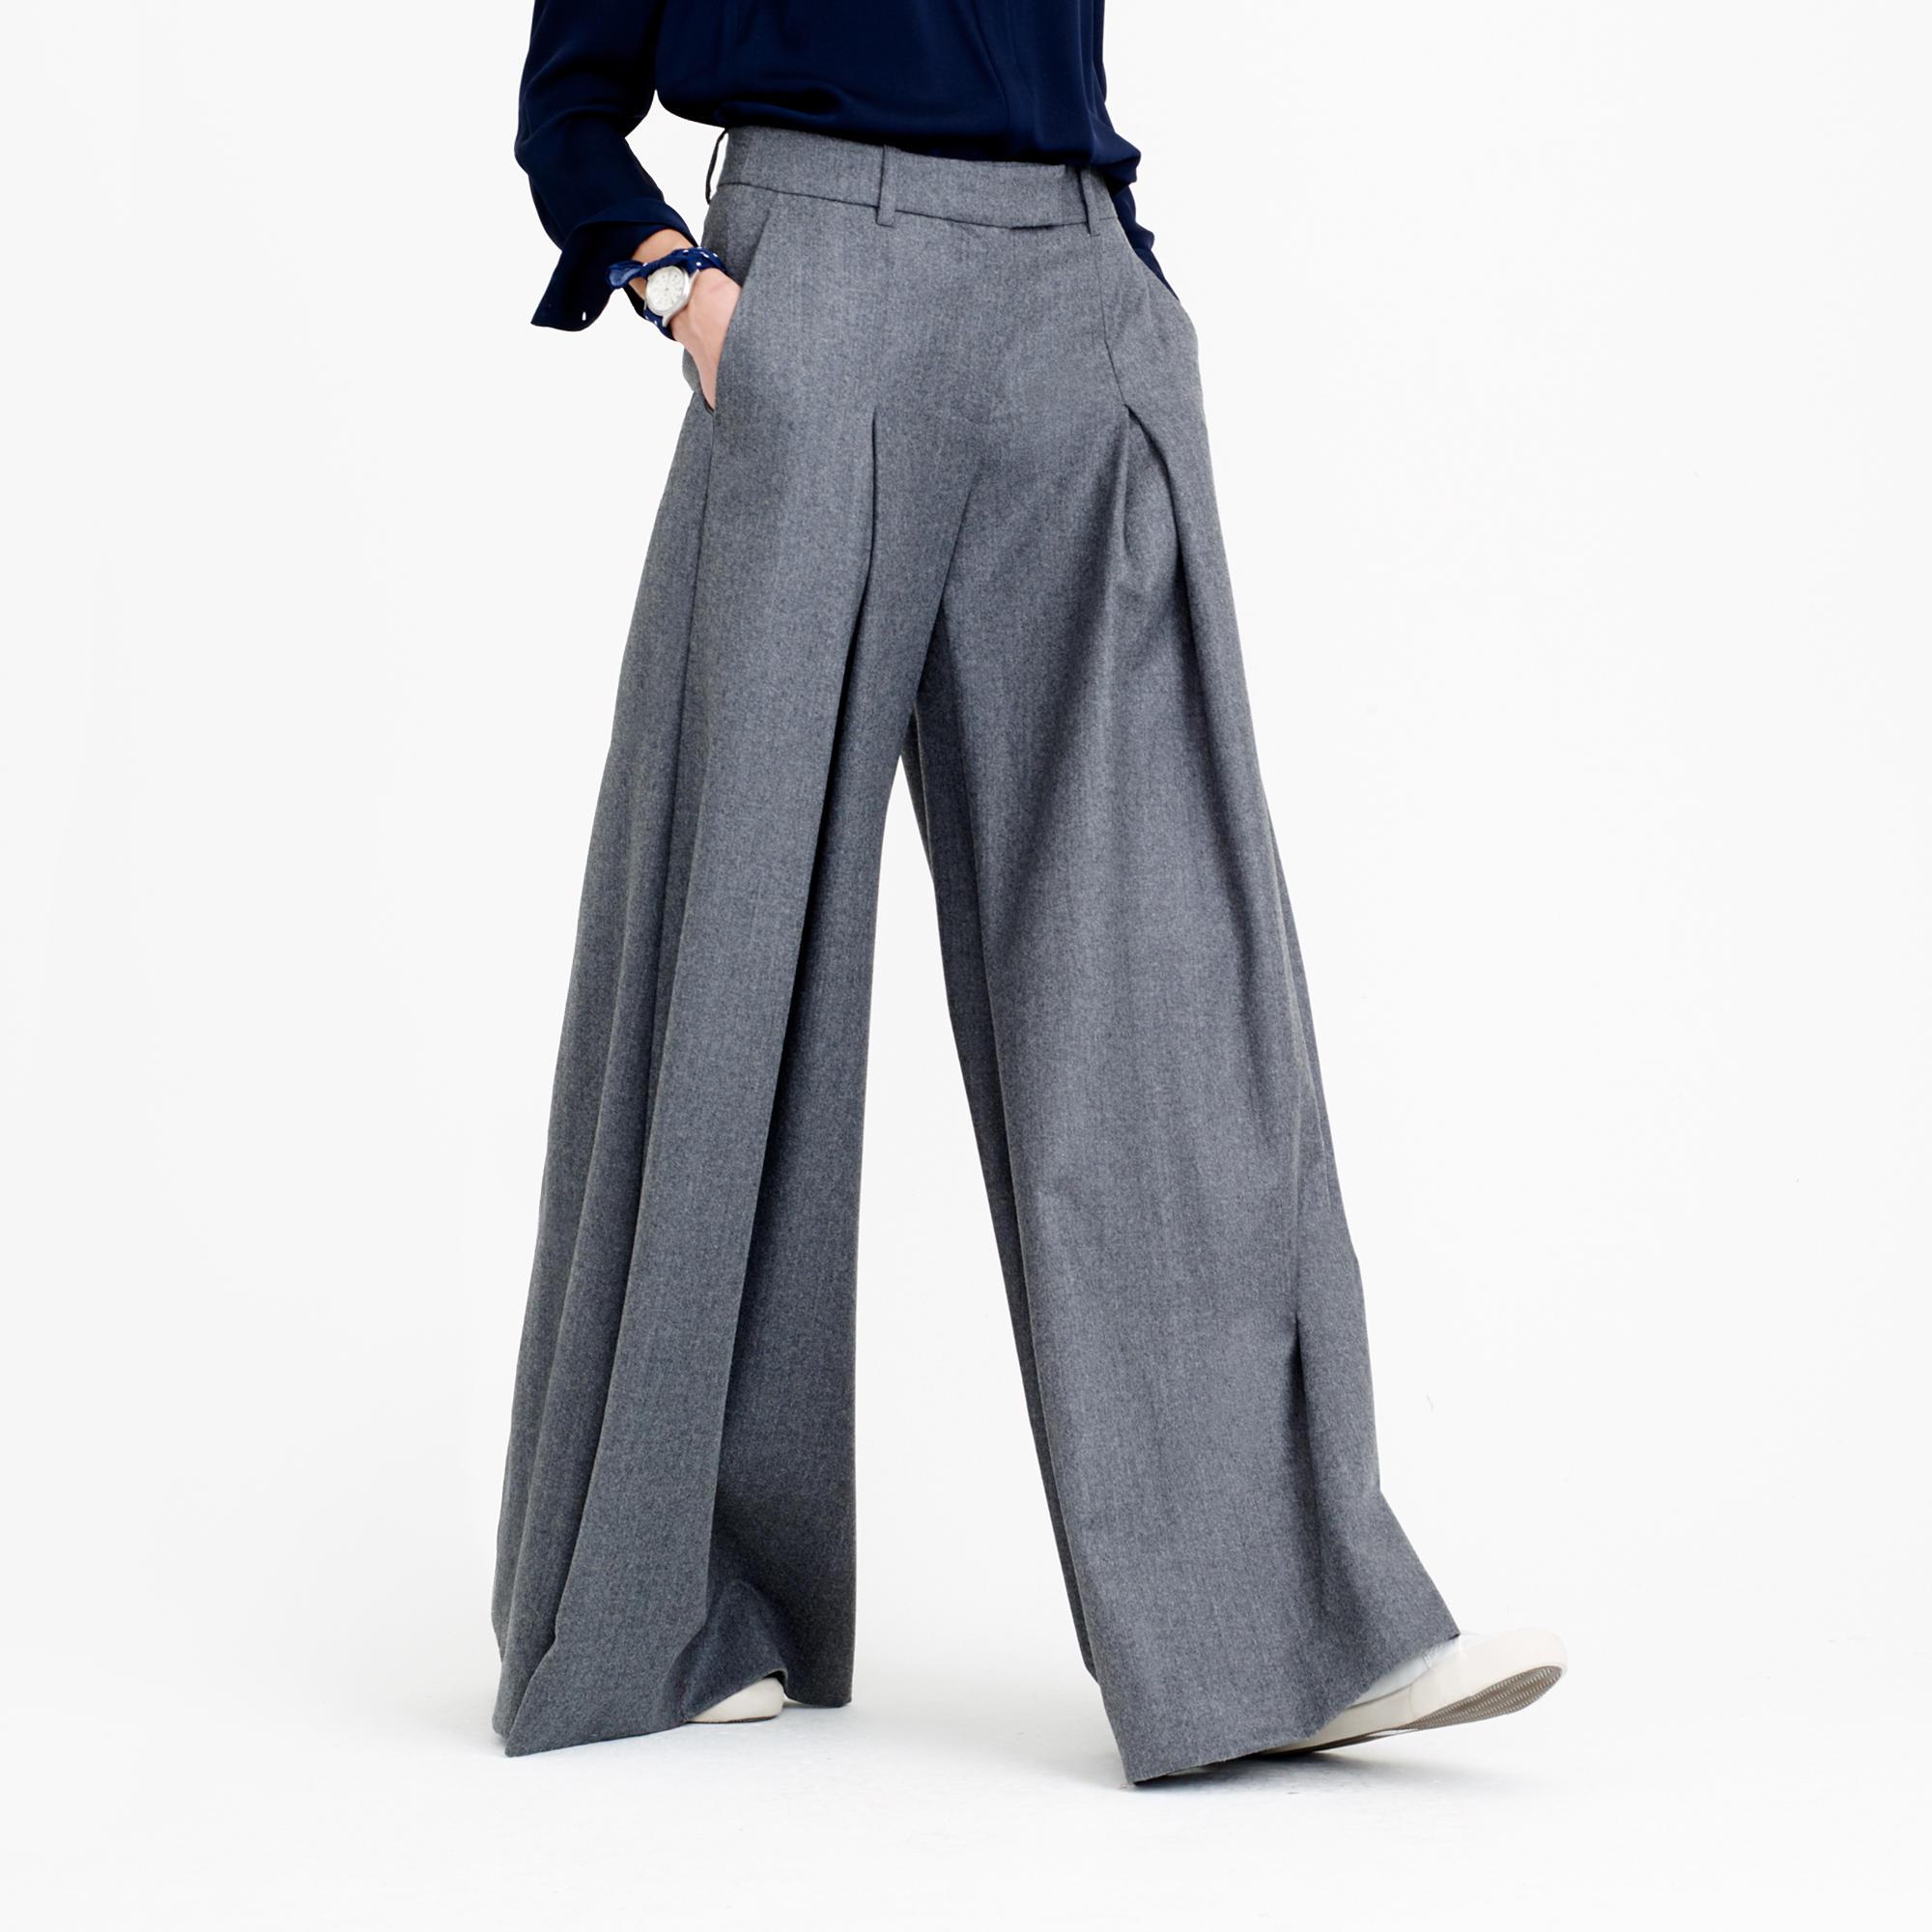 Collection ultra-wide-leg pant in Italian wool : Women novelty | J ...